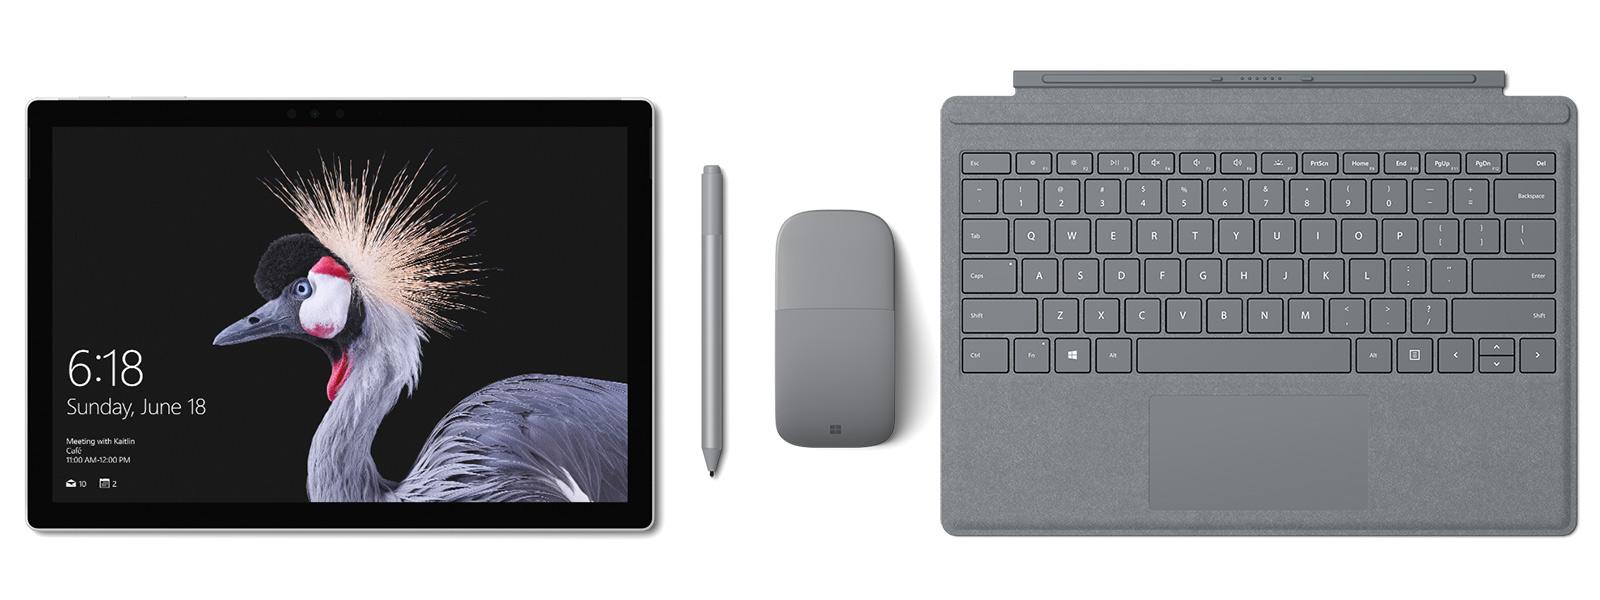 プラチナの Surface Pro Signature タイプ カバー、 Surface ペンと Surface Arc Mouse を備えた Surface Pro の画像。Surface ペン附属